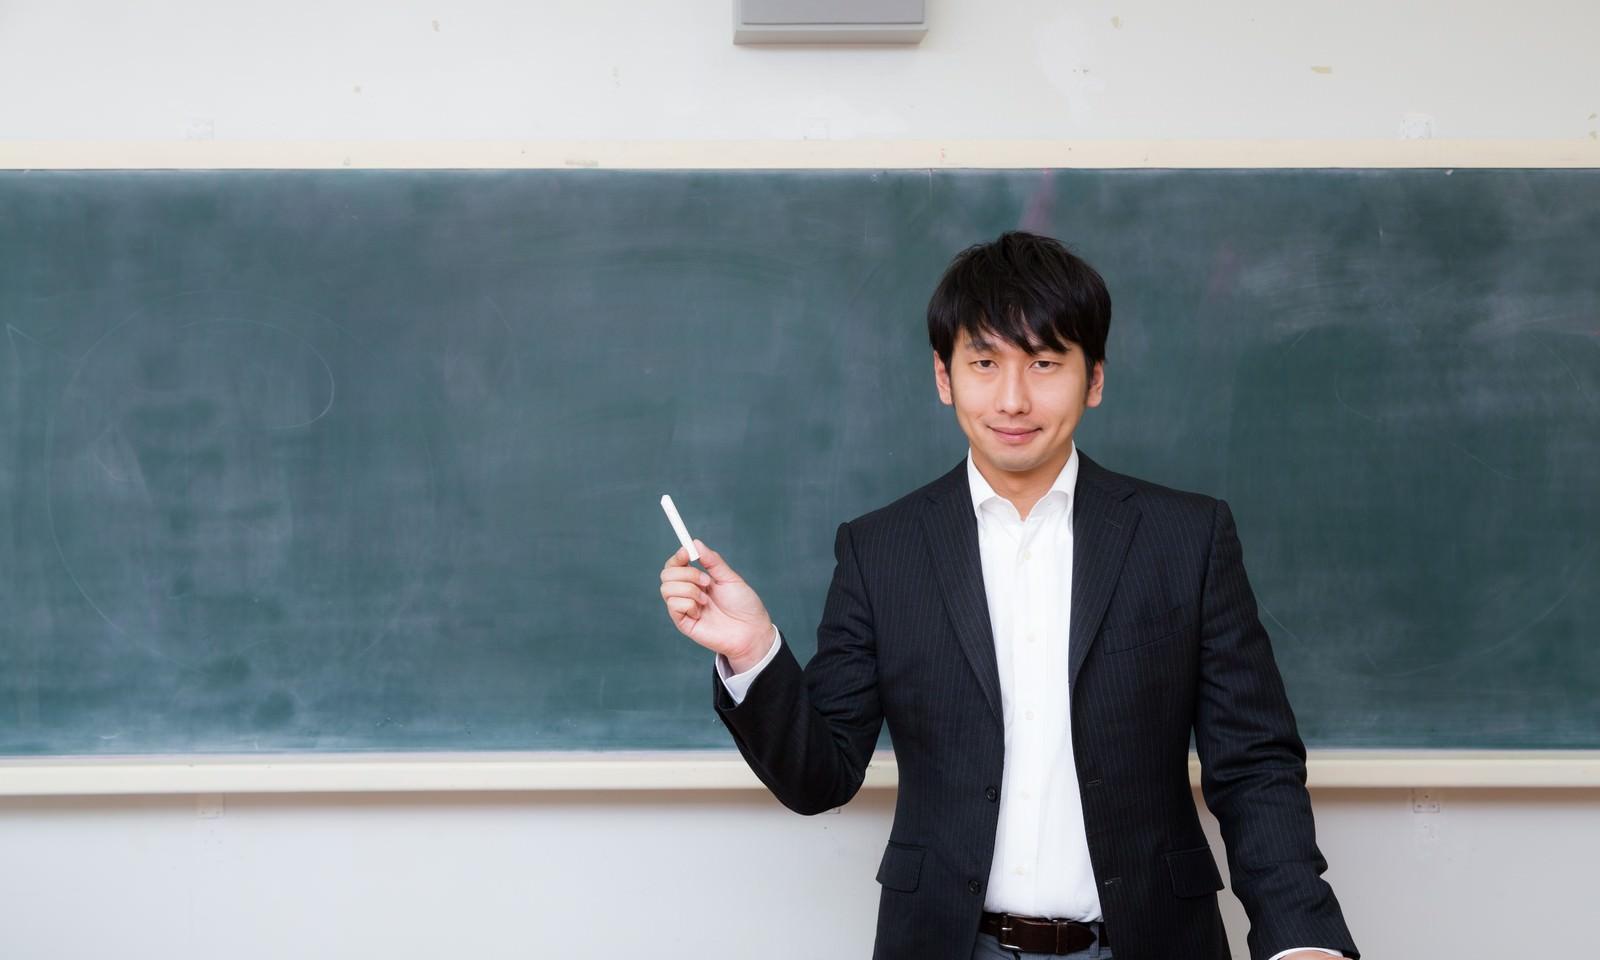 方言「じゃけん」の地方別の意味と使い方|九州/岡山/大分/愛媛